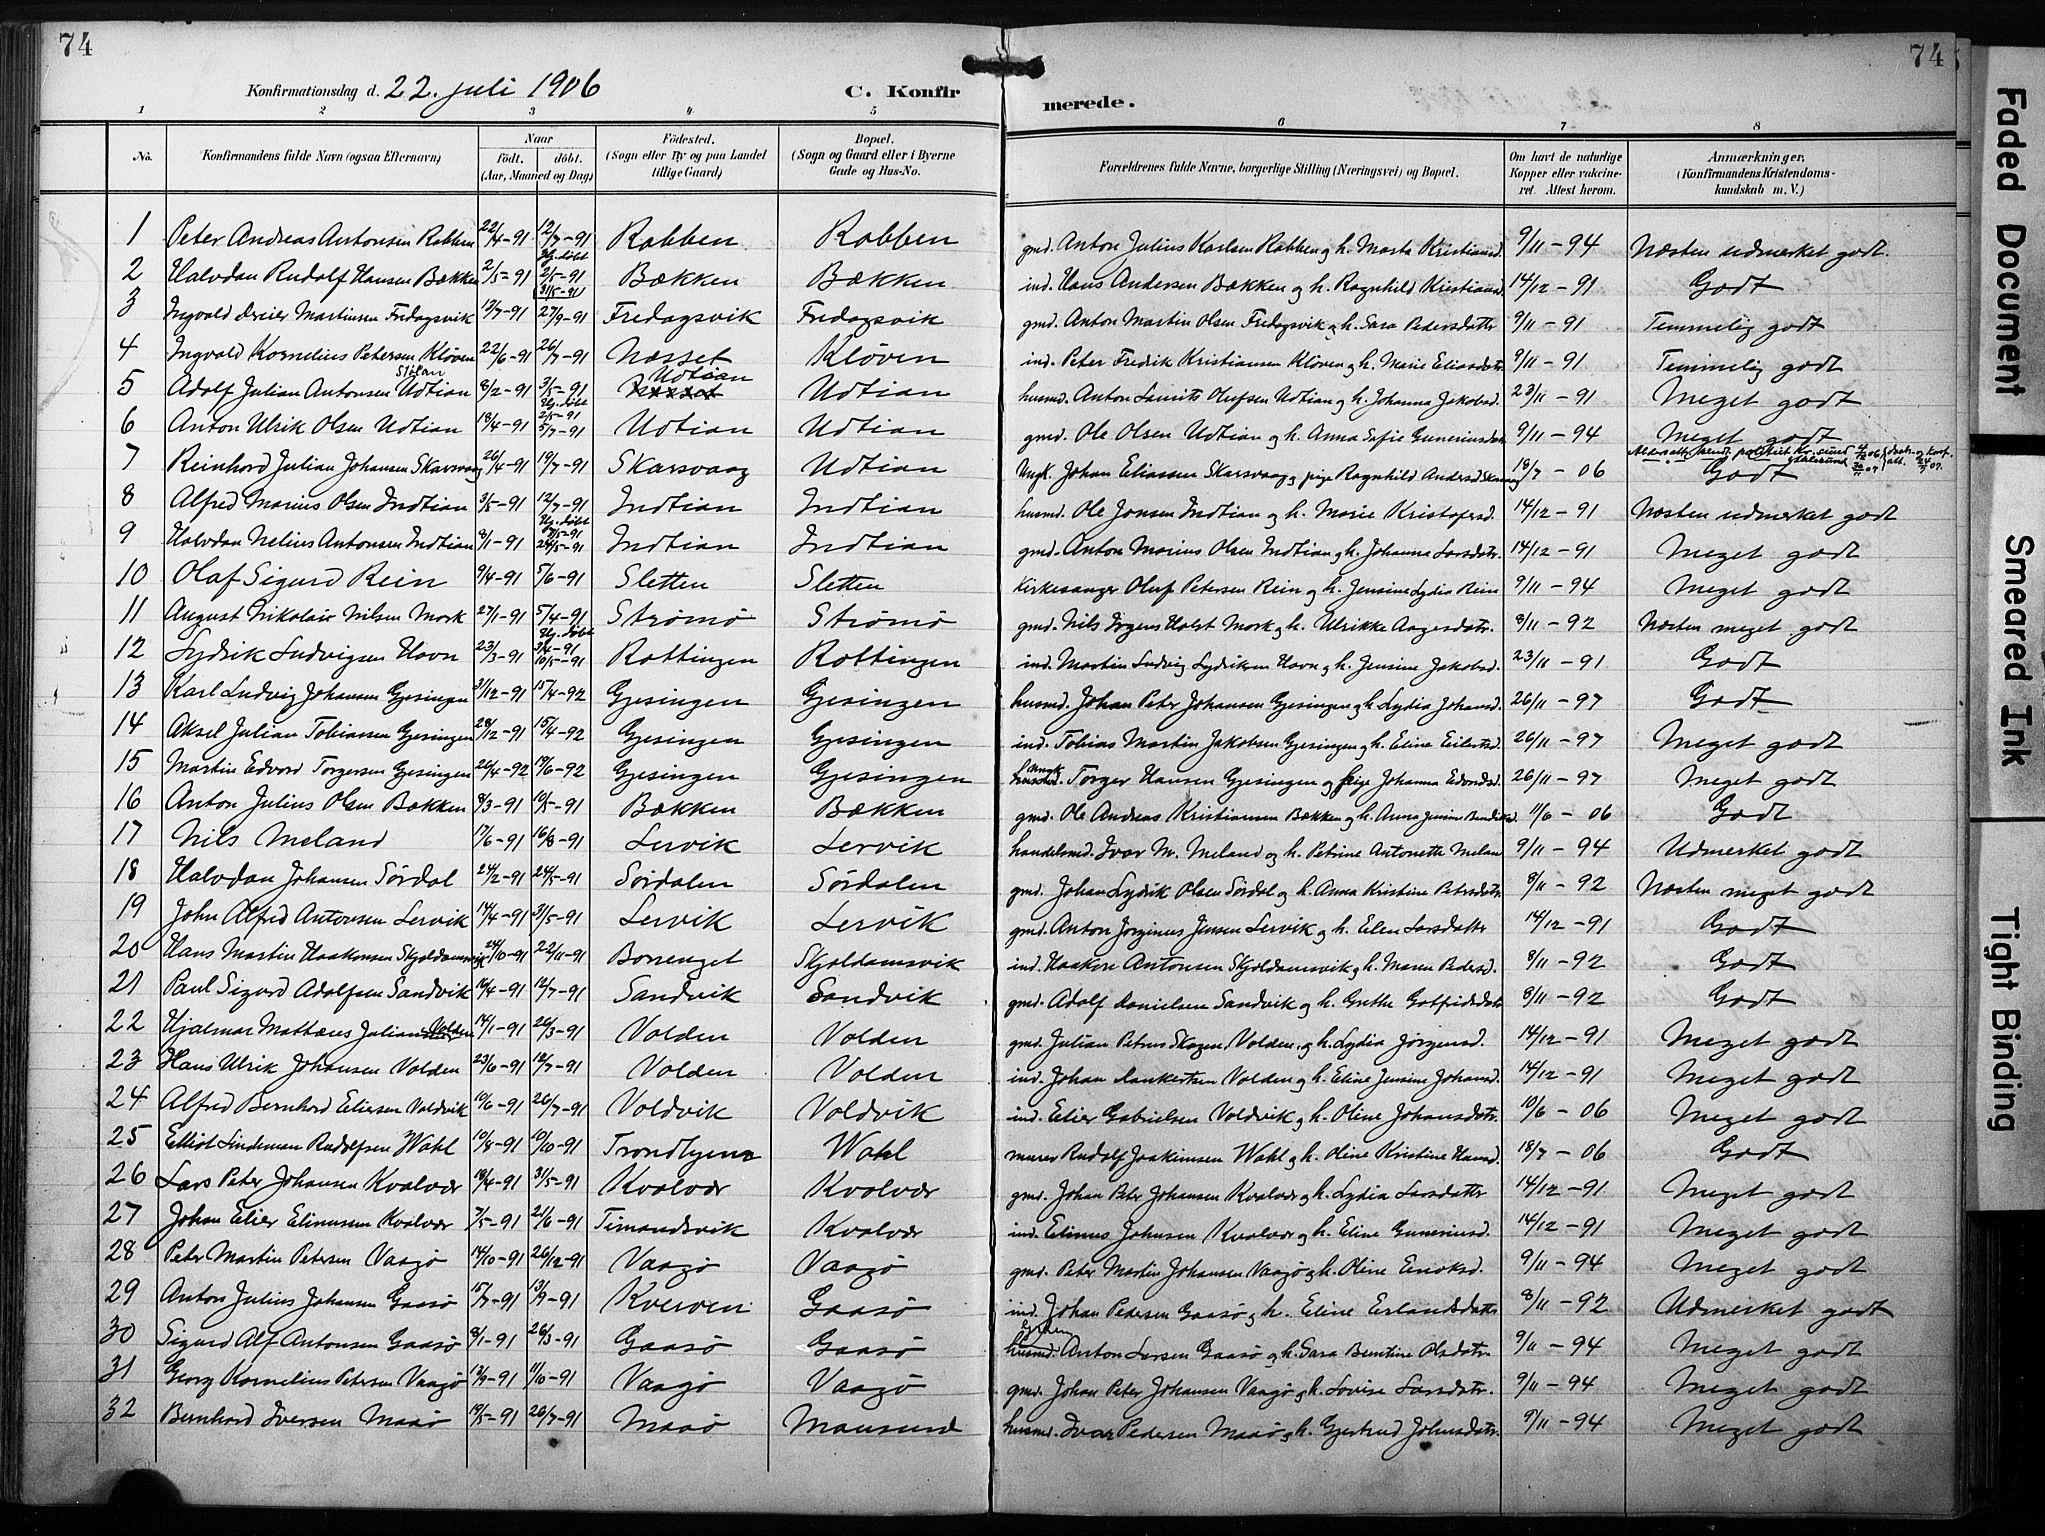 SAT, Ministerialprotokoller, klokkerbøker og fødselsregistre - Sør-Trøndelag, 640/L0580: Ministerialbok nr. 640A05, 1902-1910, s. 74